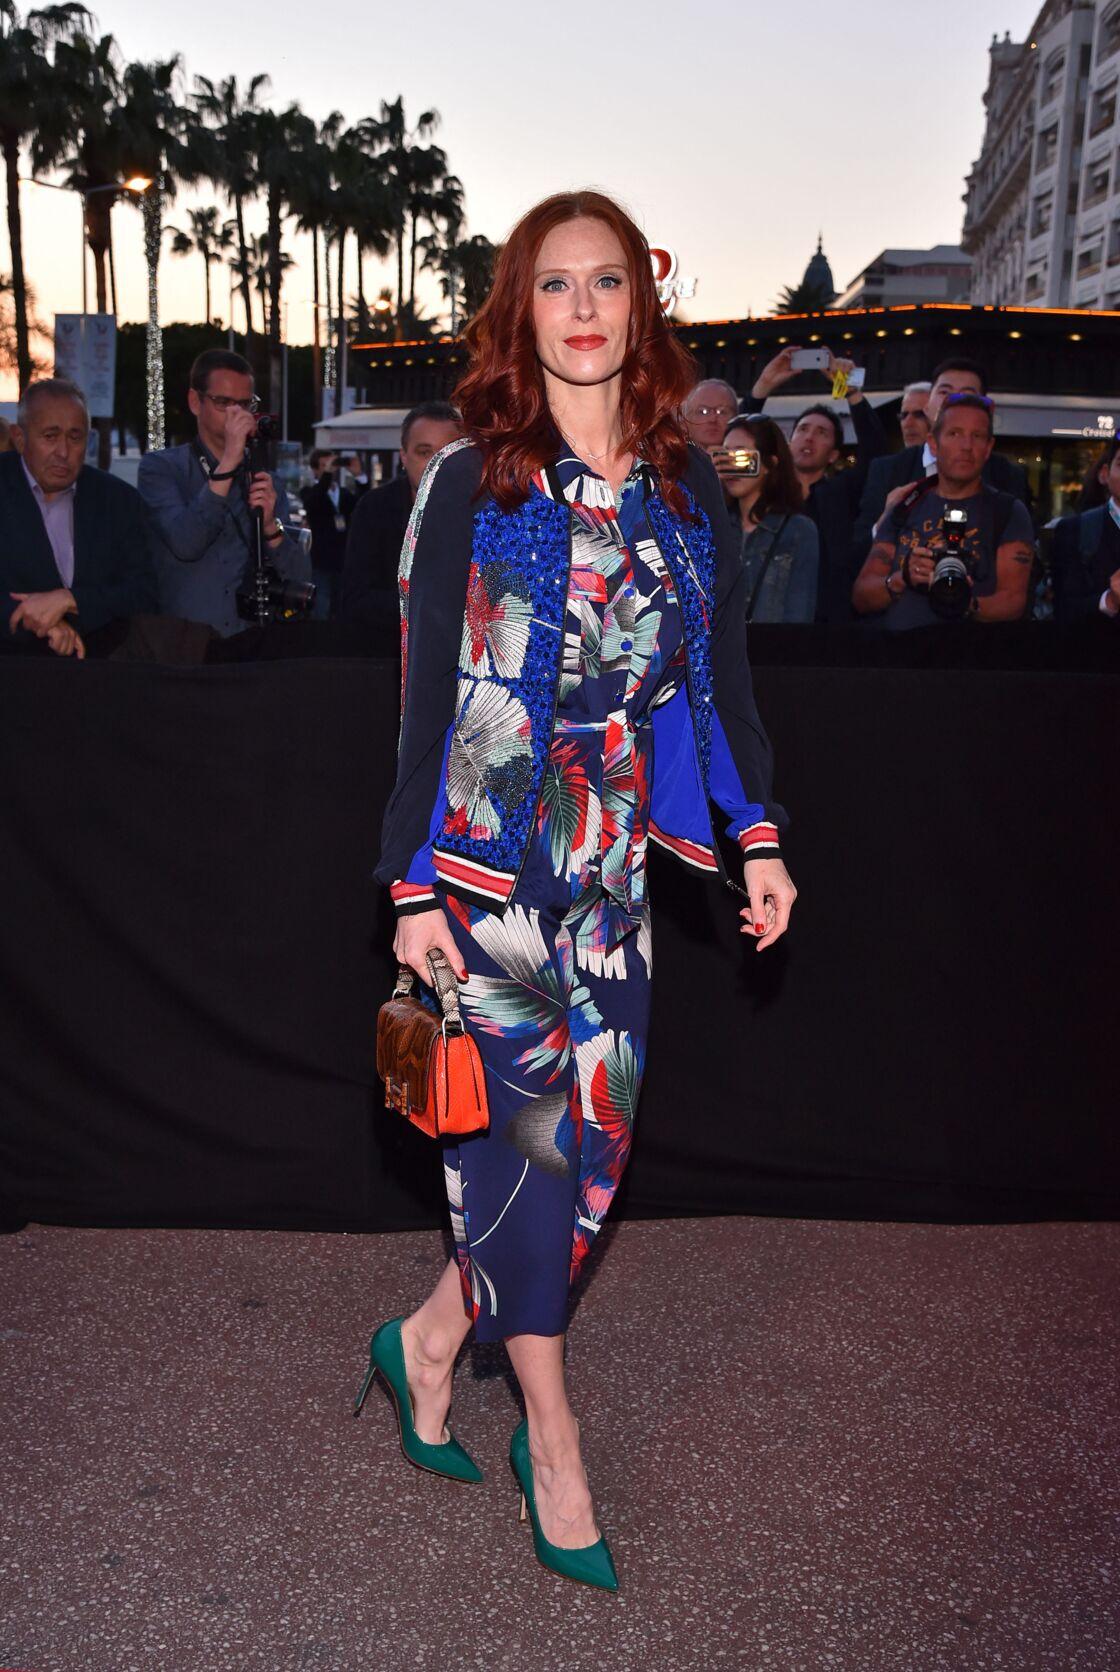 Audrey Fleurot fait sensation à Cannes dans une combinaison florale et tropicale nuancée de bleu, rouge et blanc. L'actrice accessoirise sa tenue estivale à des escarpins turquoises et un sac à main orange.